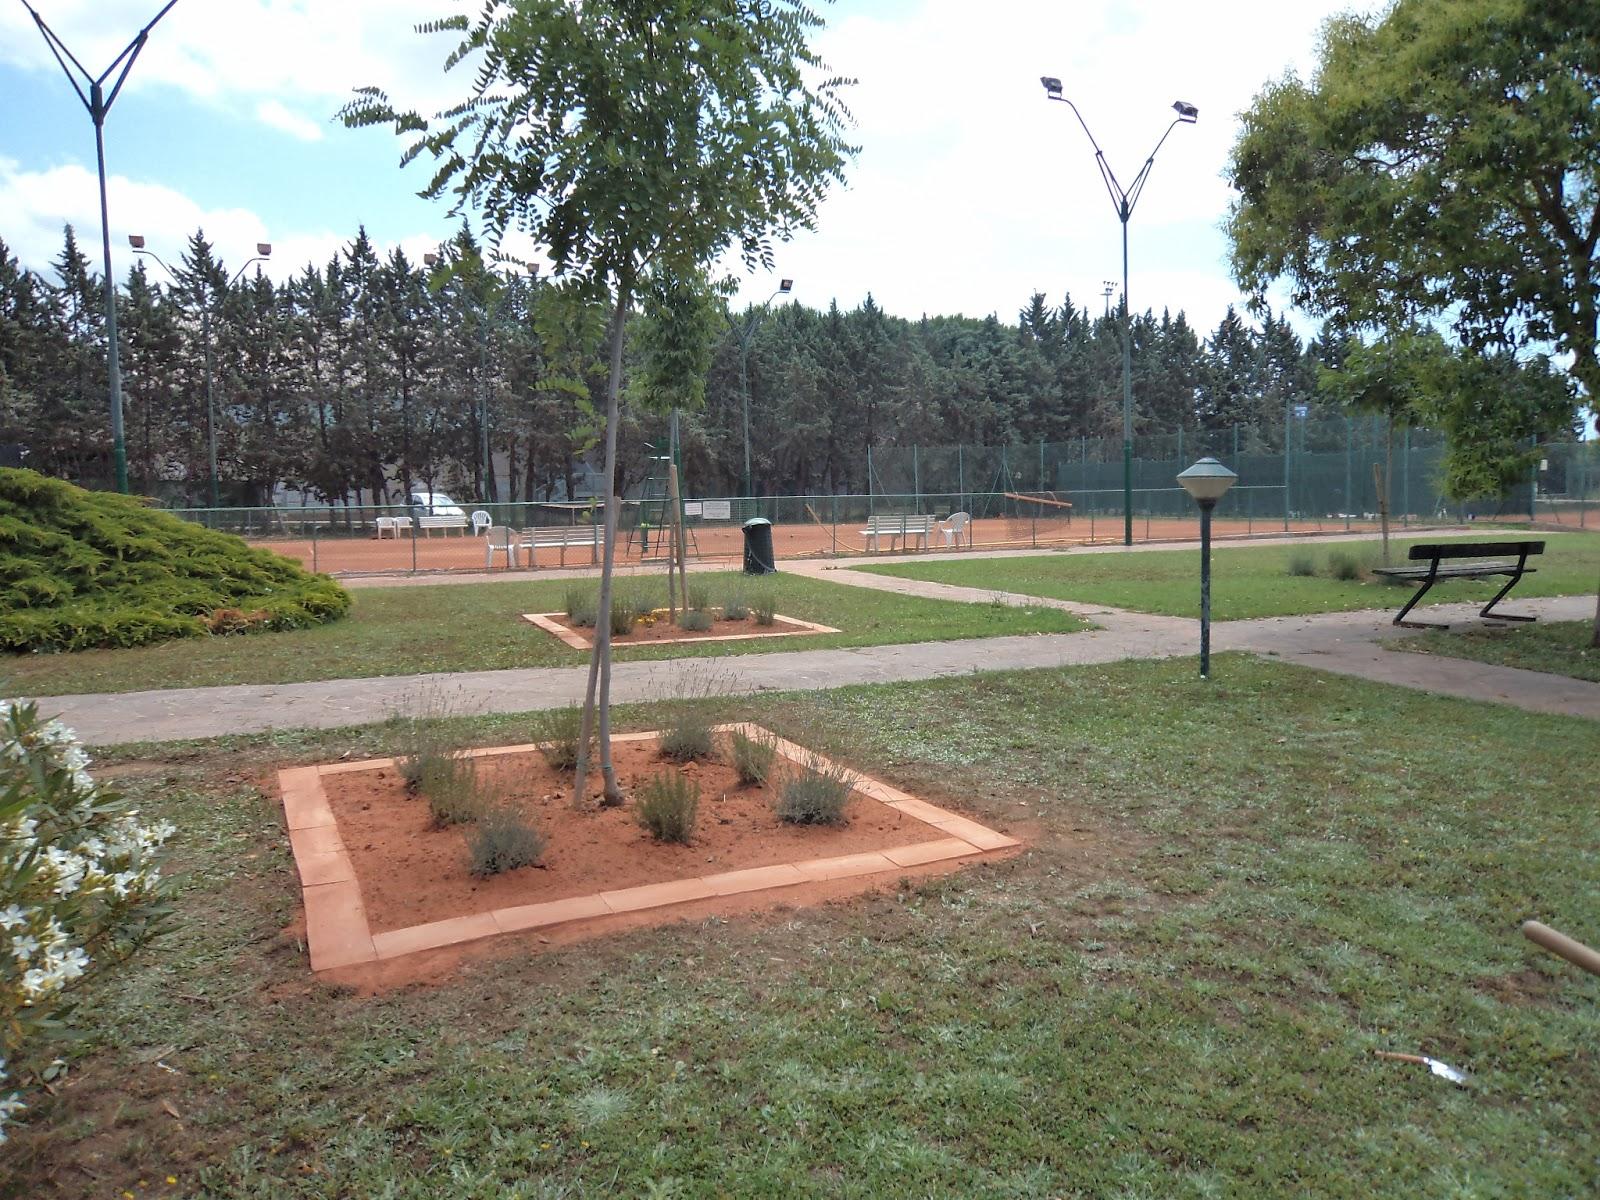 I giardini di carlo e letizia bordura di mattoni rossi for Mattoni per aiuole